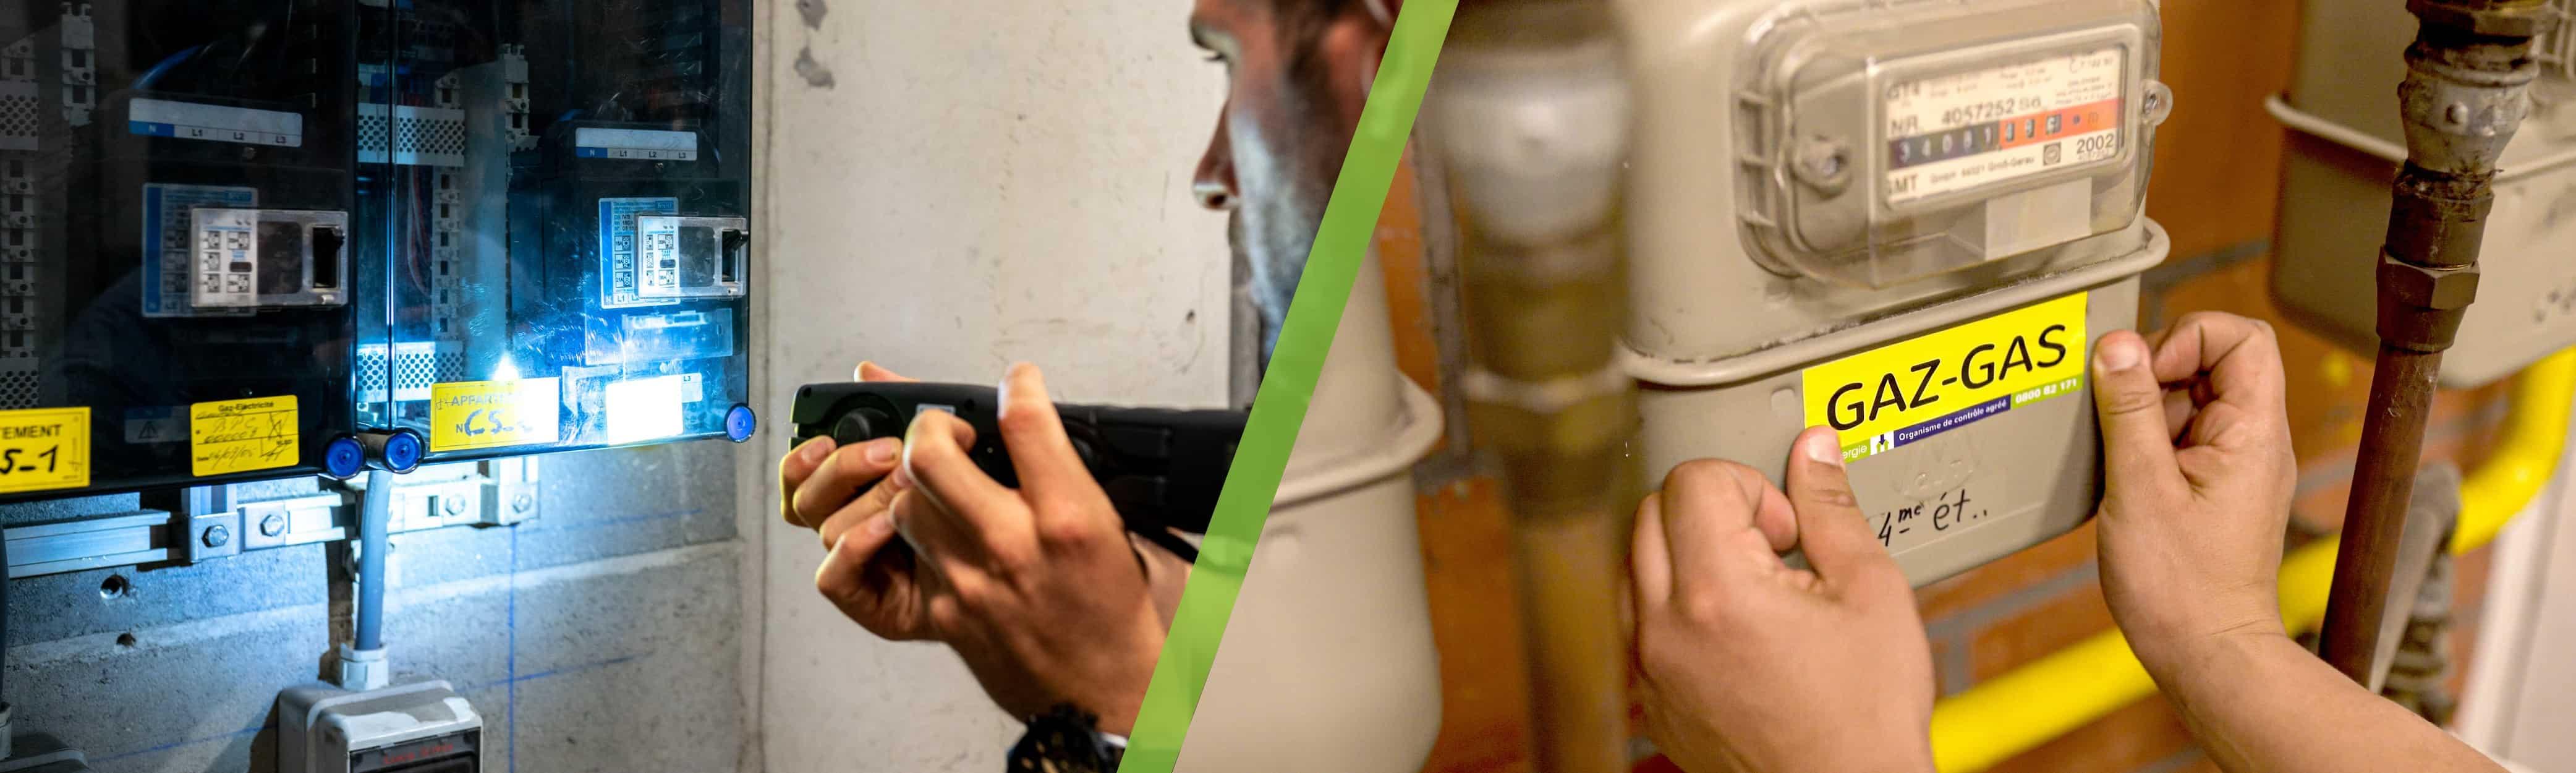 Visite combi : contrôle électrique + contrôle gaz